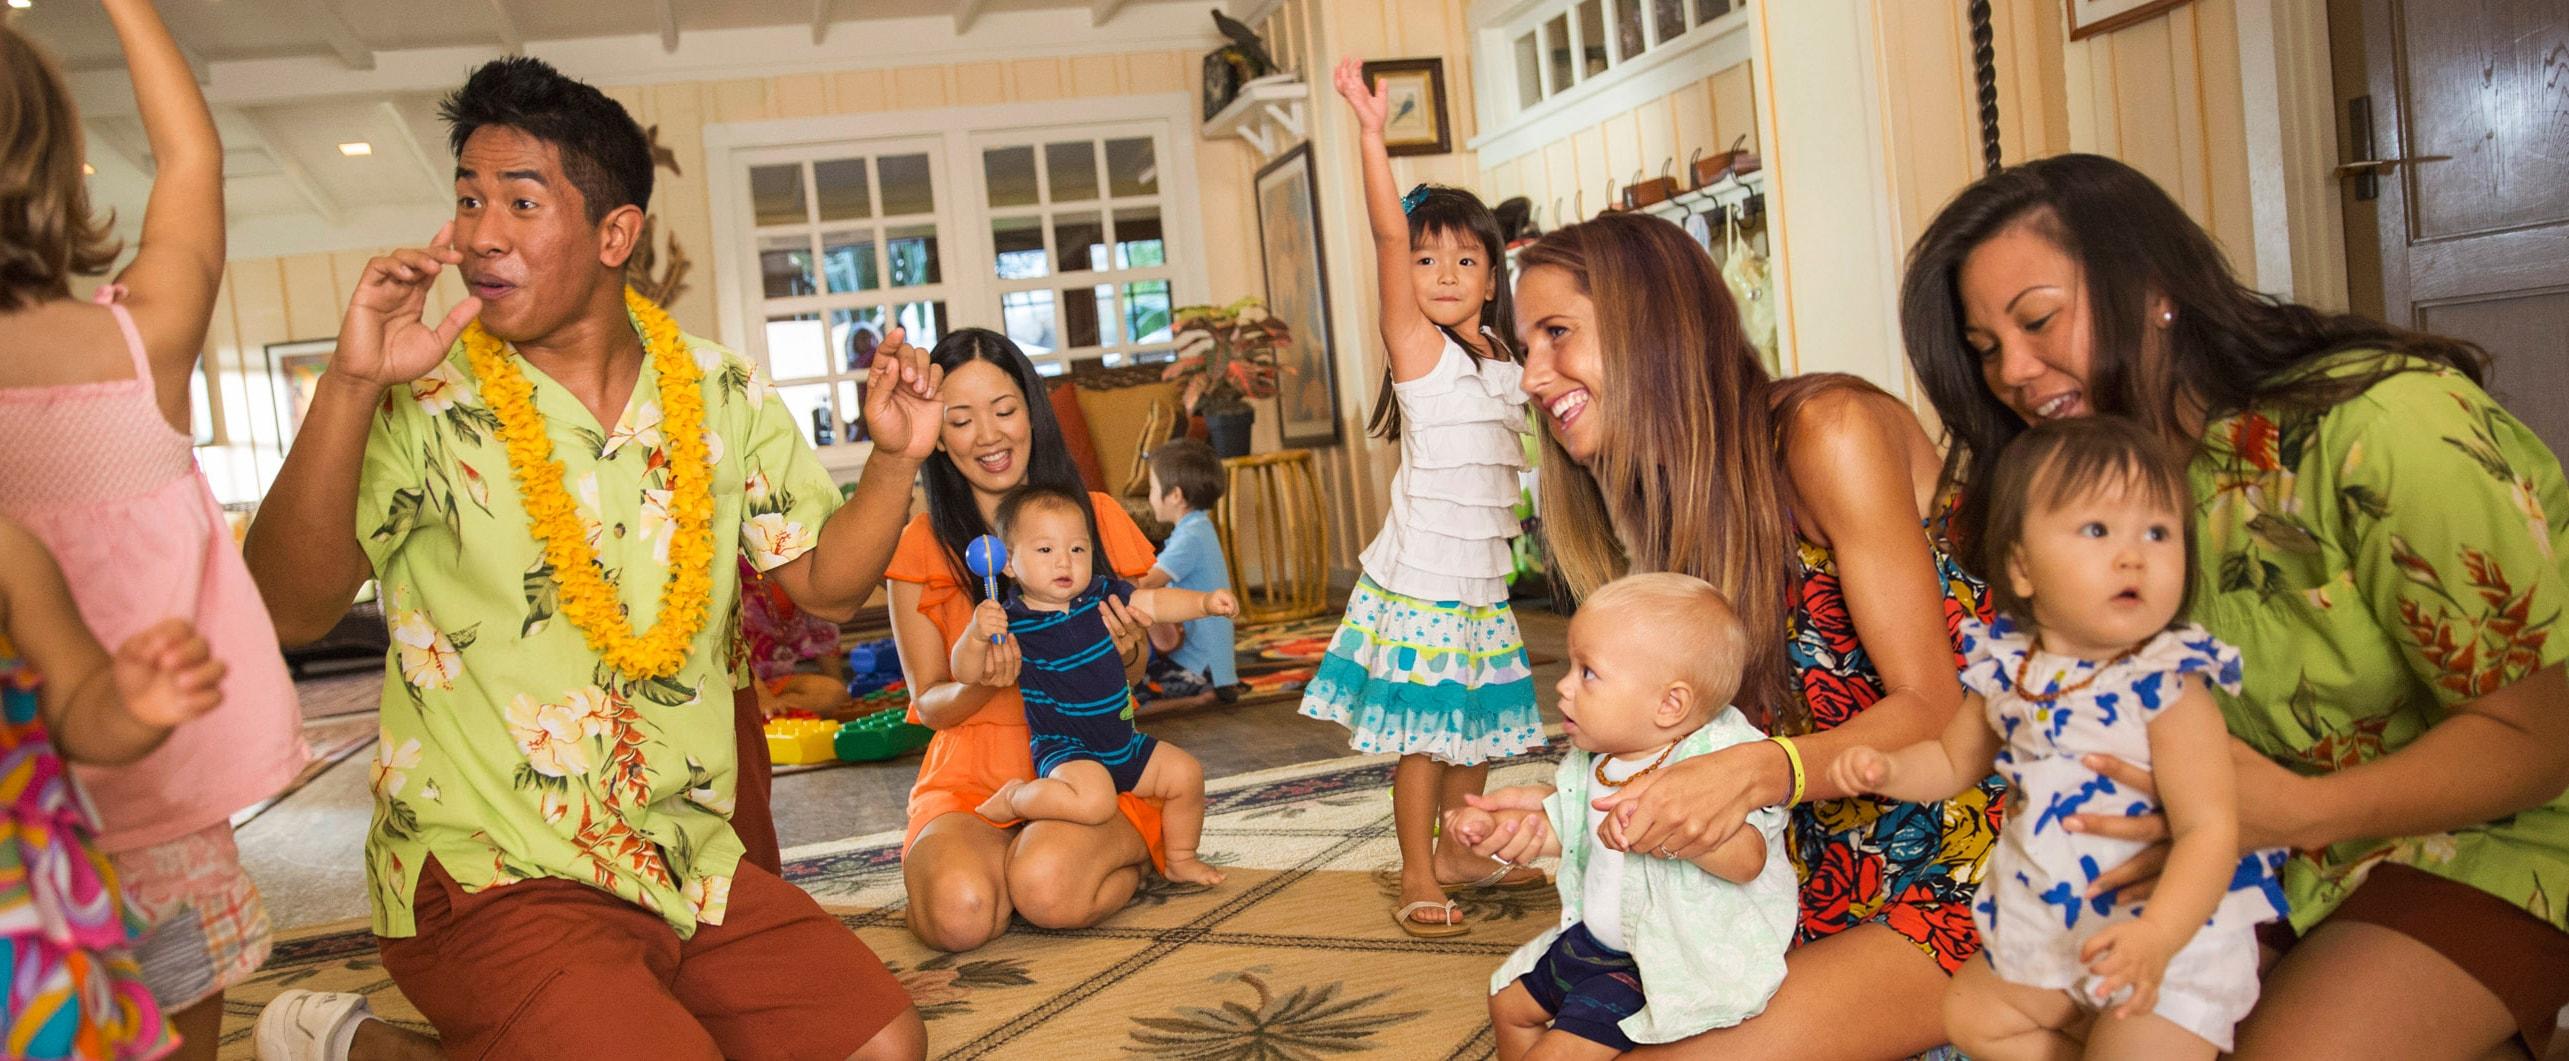 アンティーズ・ビーチ・ハウス内で小さな子供やママたちと楽しく遊ぶキャストメンバー